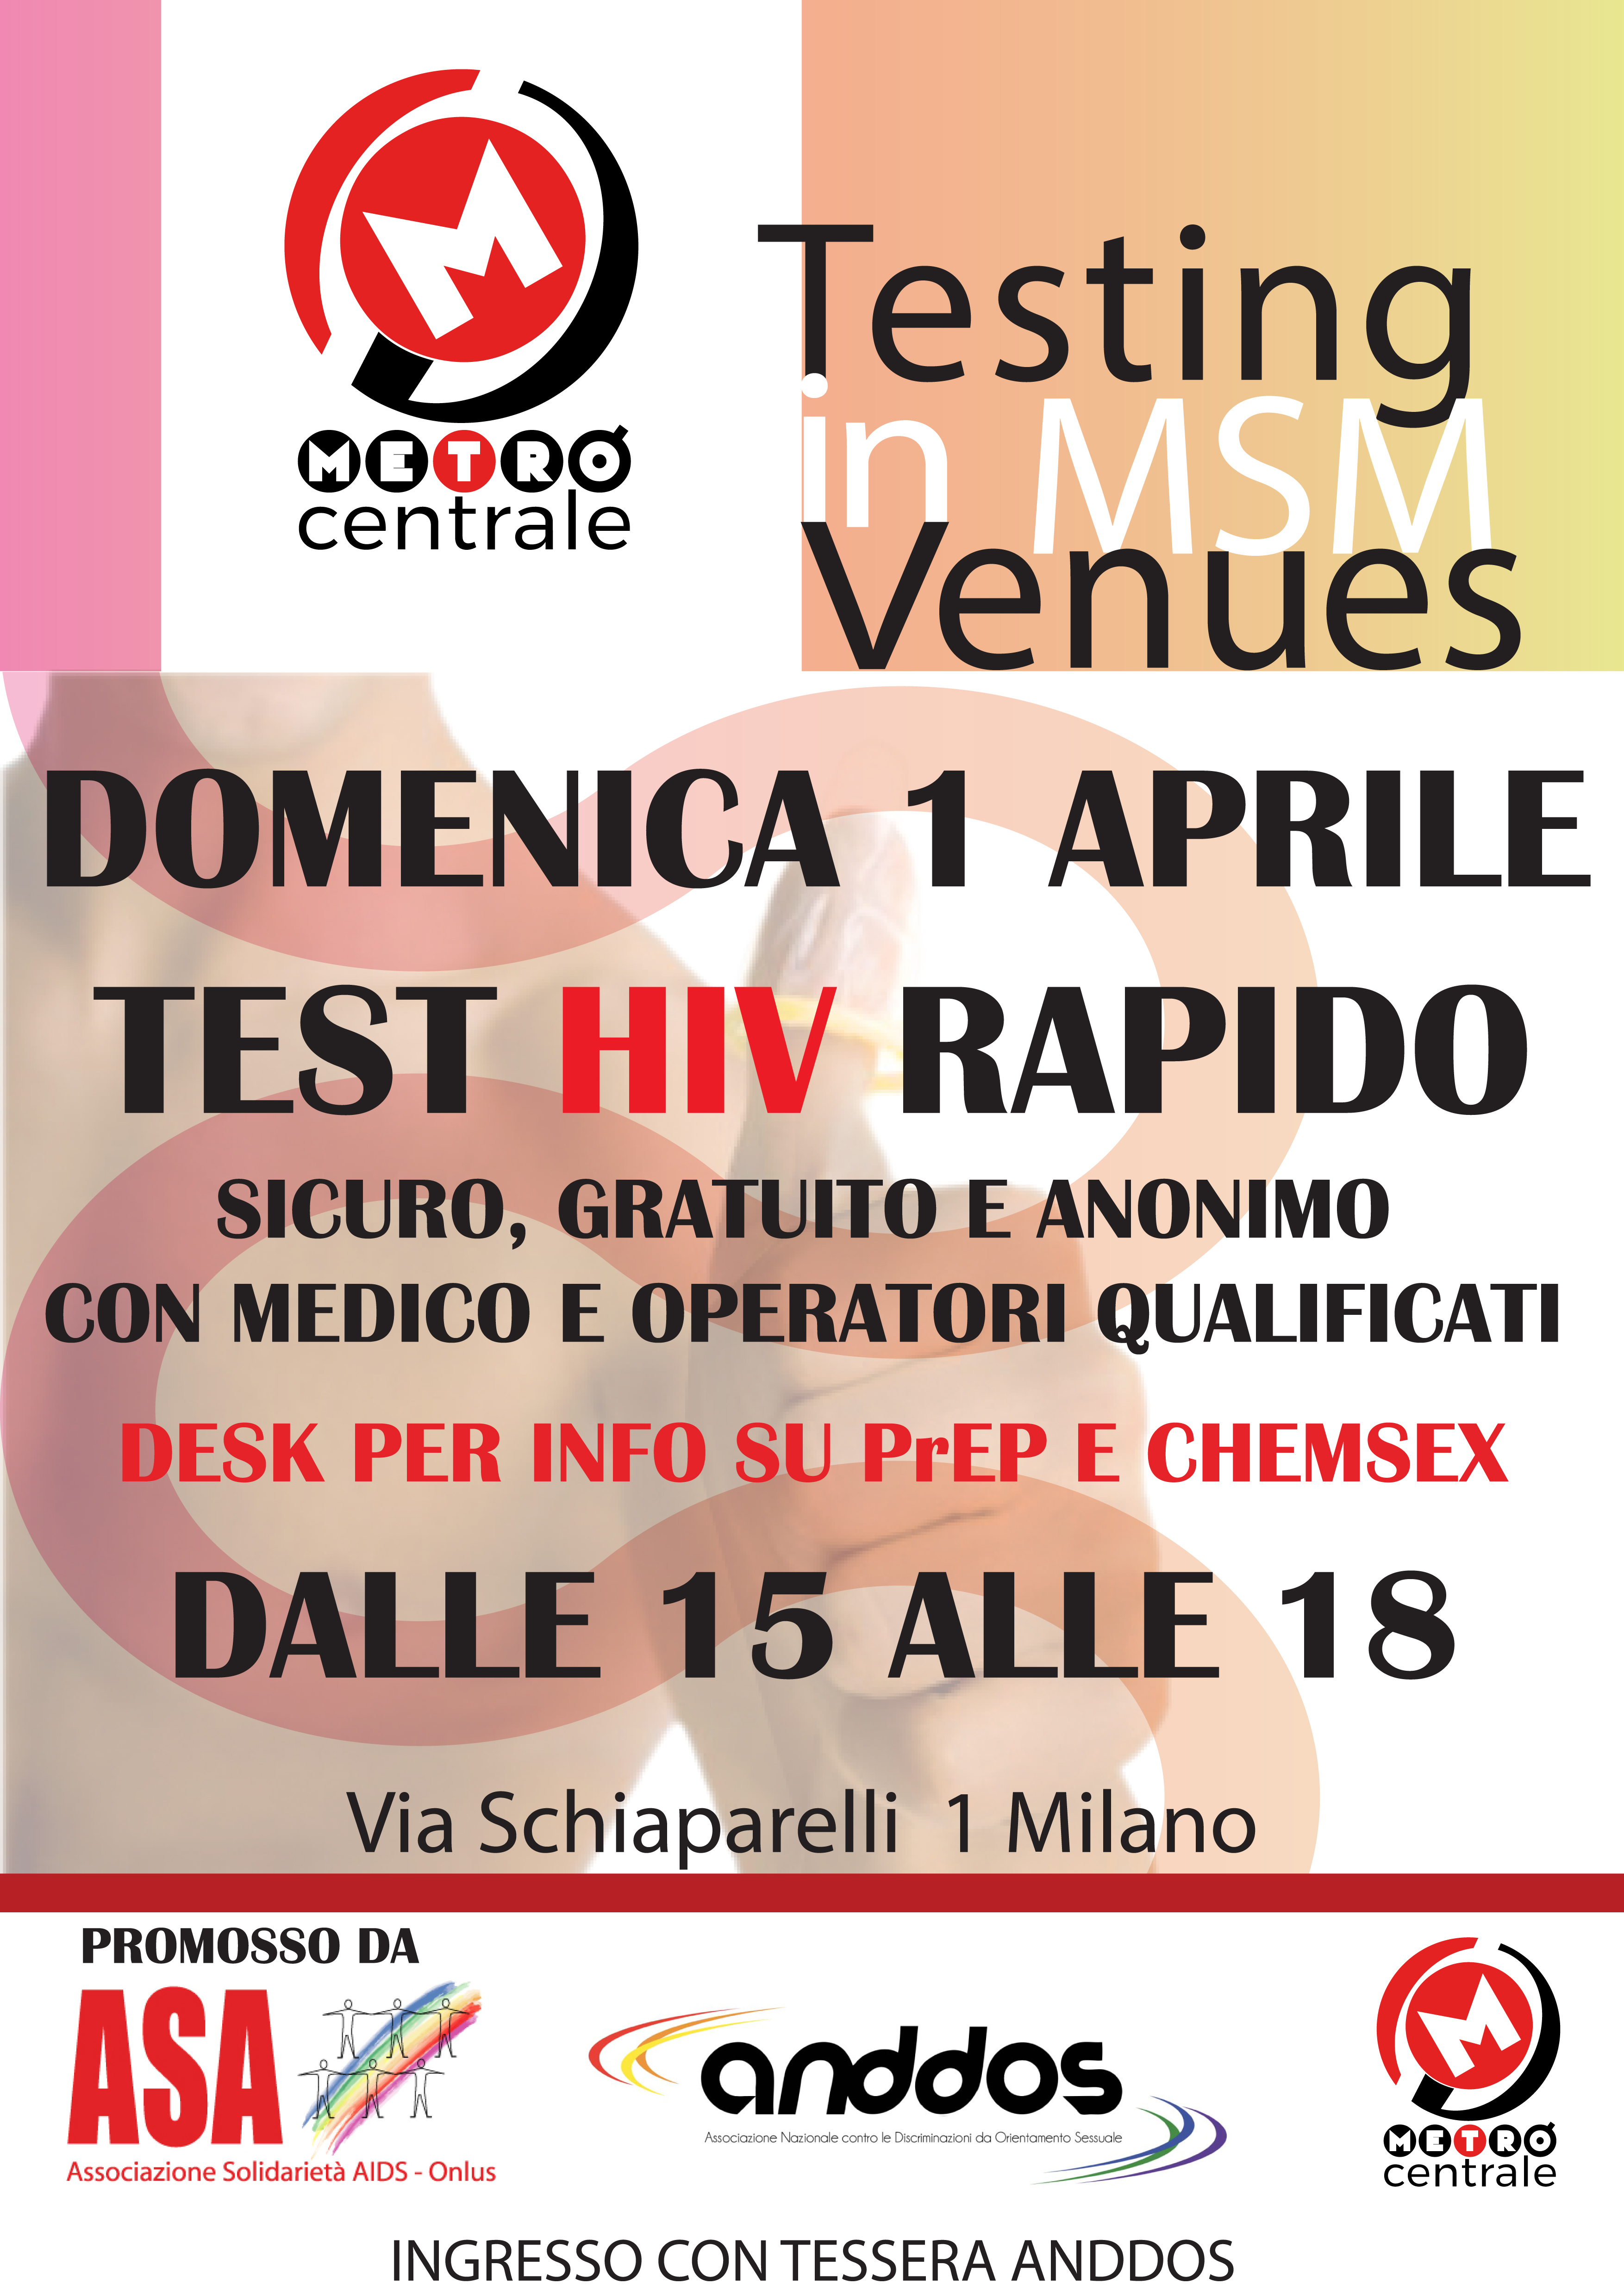 locandina-test-metro-1-aprile-2018-a3